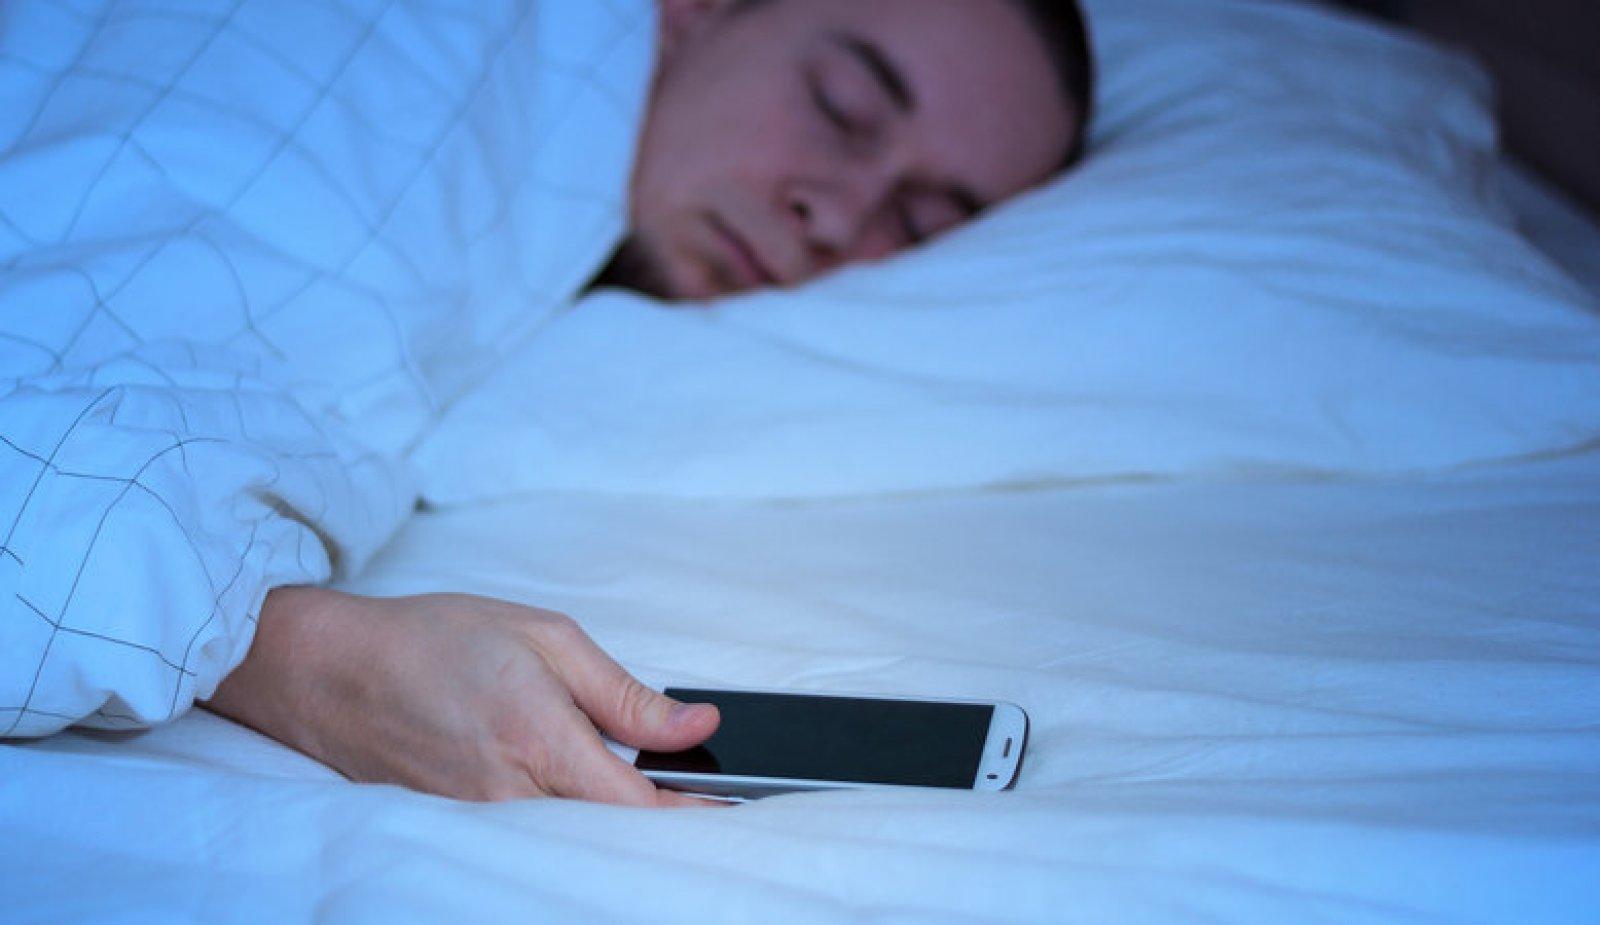 Una persona dorm amb el mòbil a prop